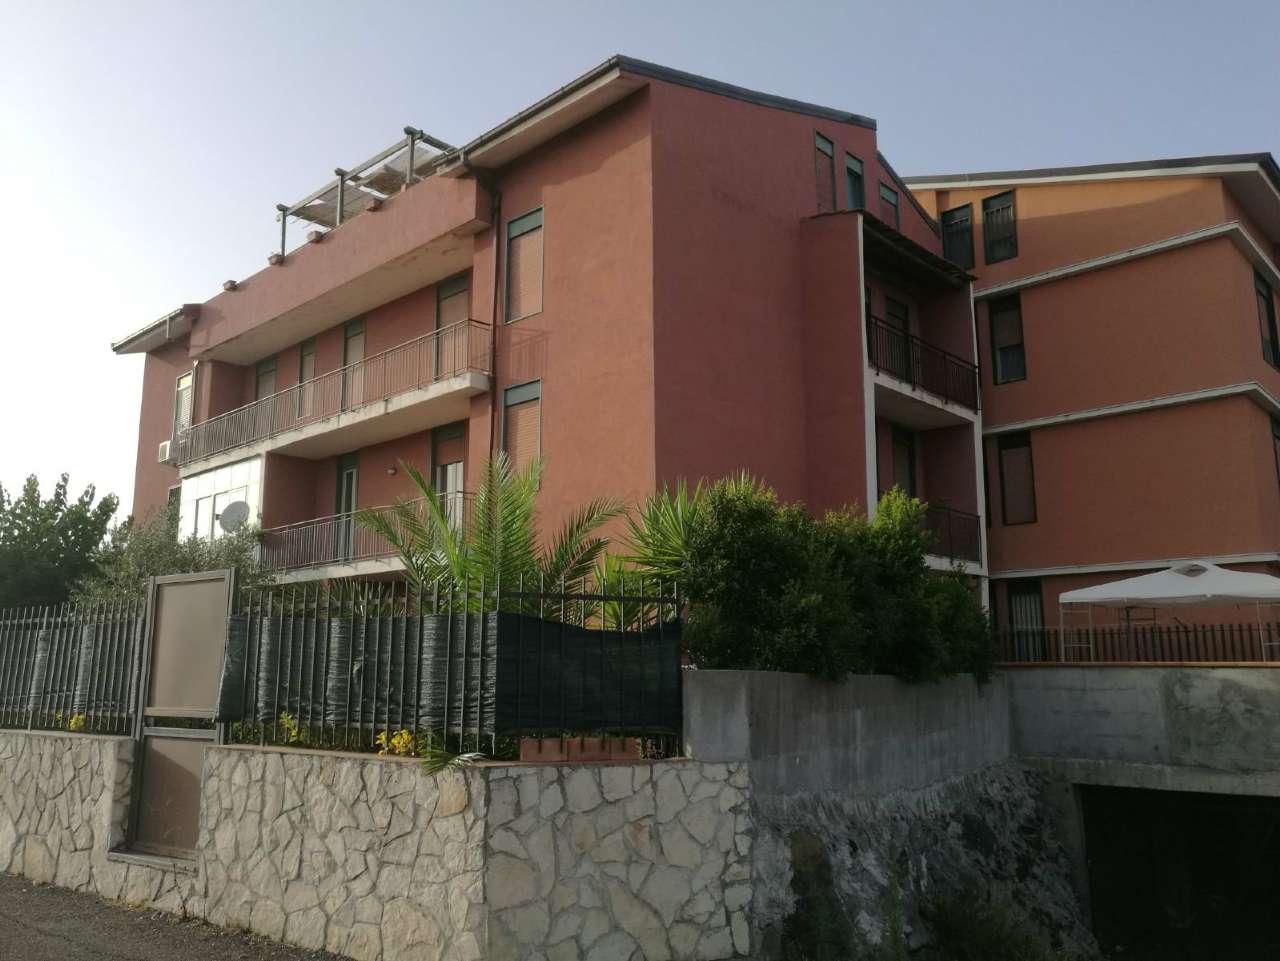 Appartamento in vendita a Mascalucia, 6 locali, prezzo € 140.000 | CambioCasa.it